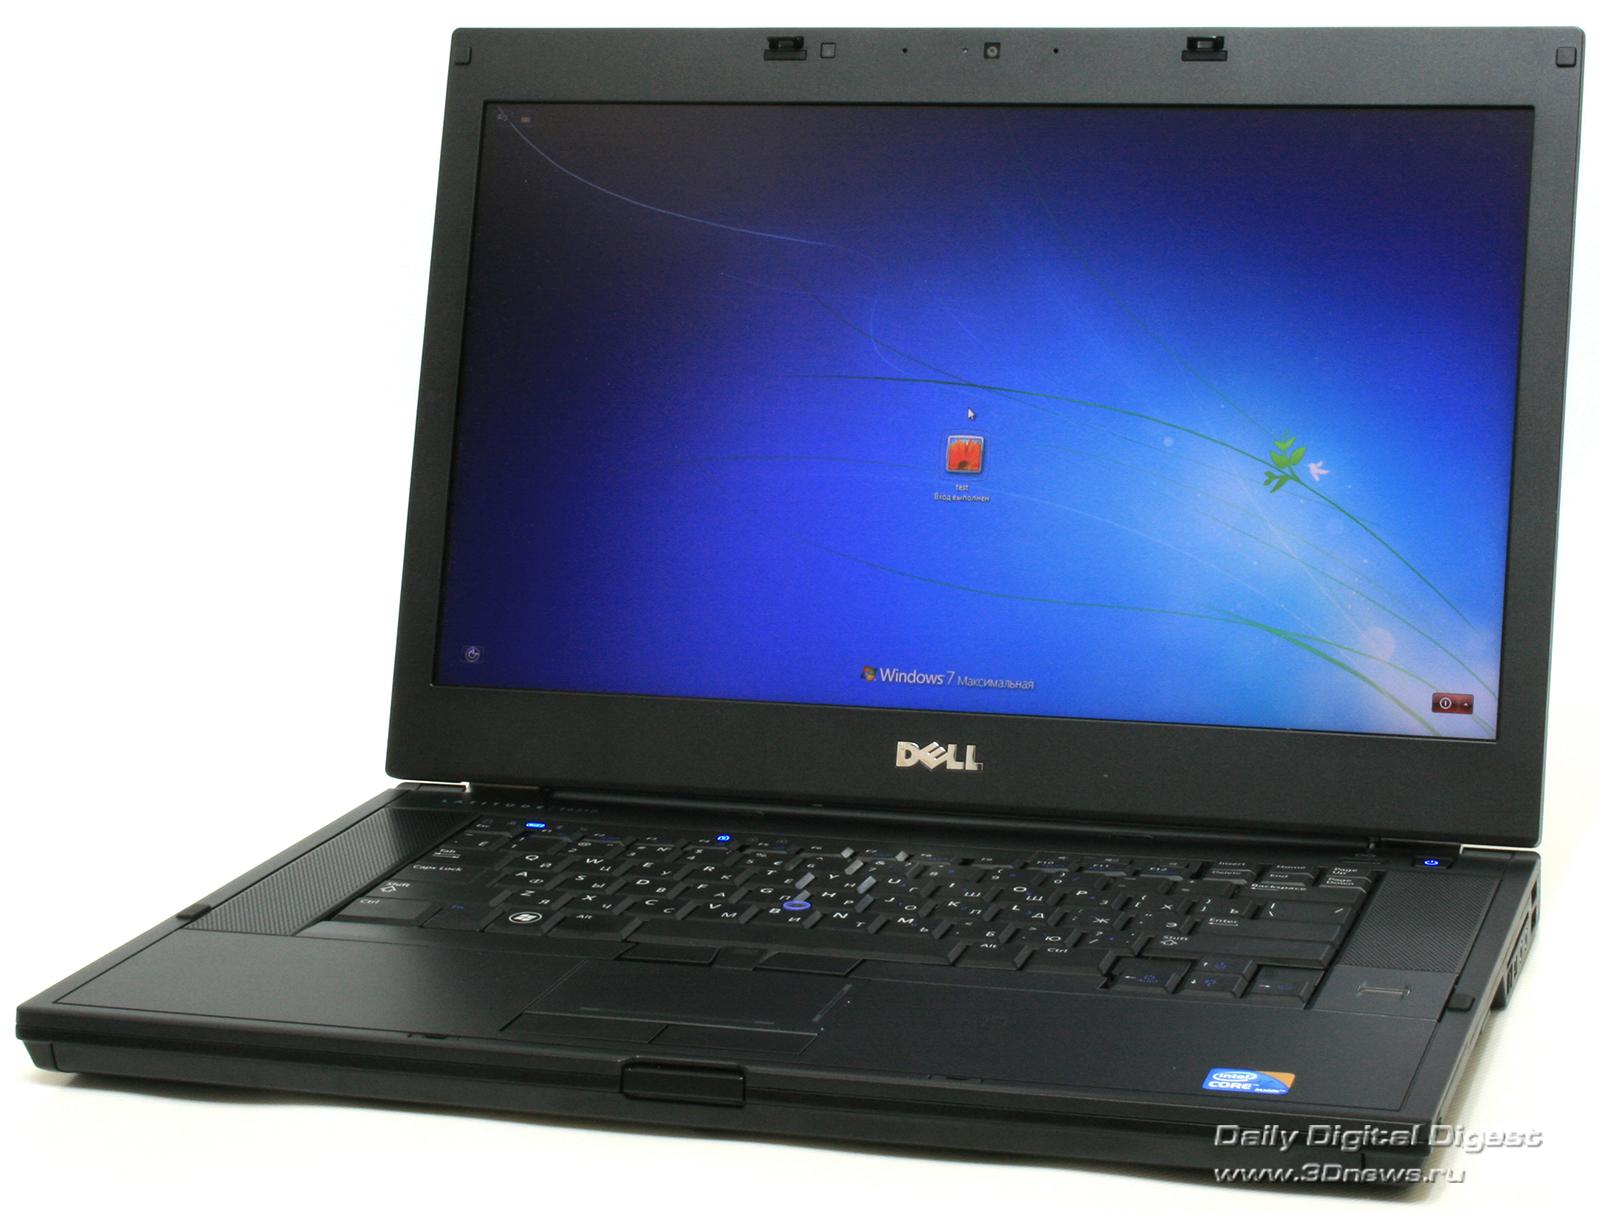 Bán laptop cũ Dell Latitude E6510 giá rẻ tại Hà Nội